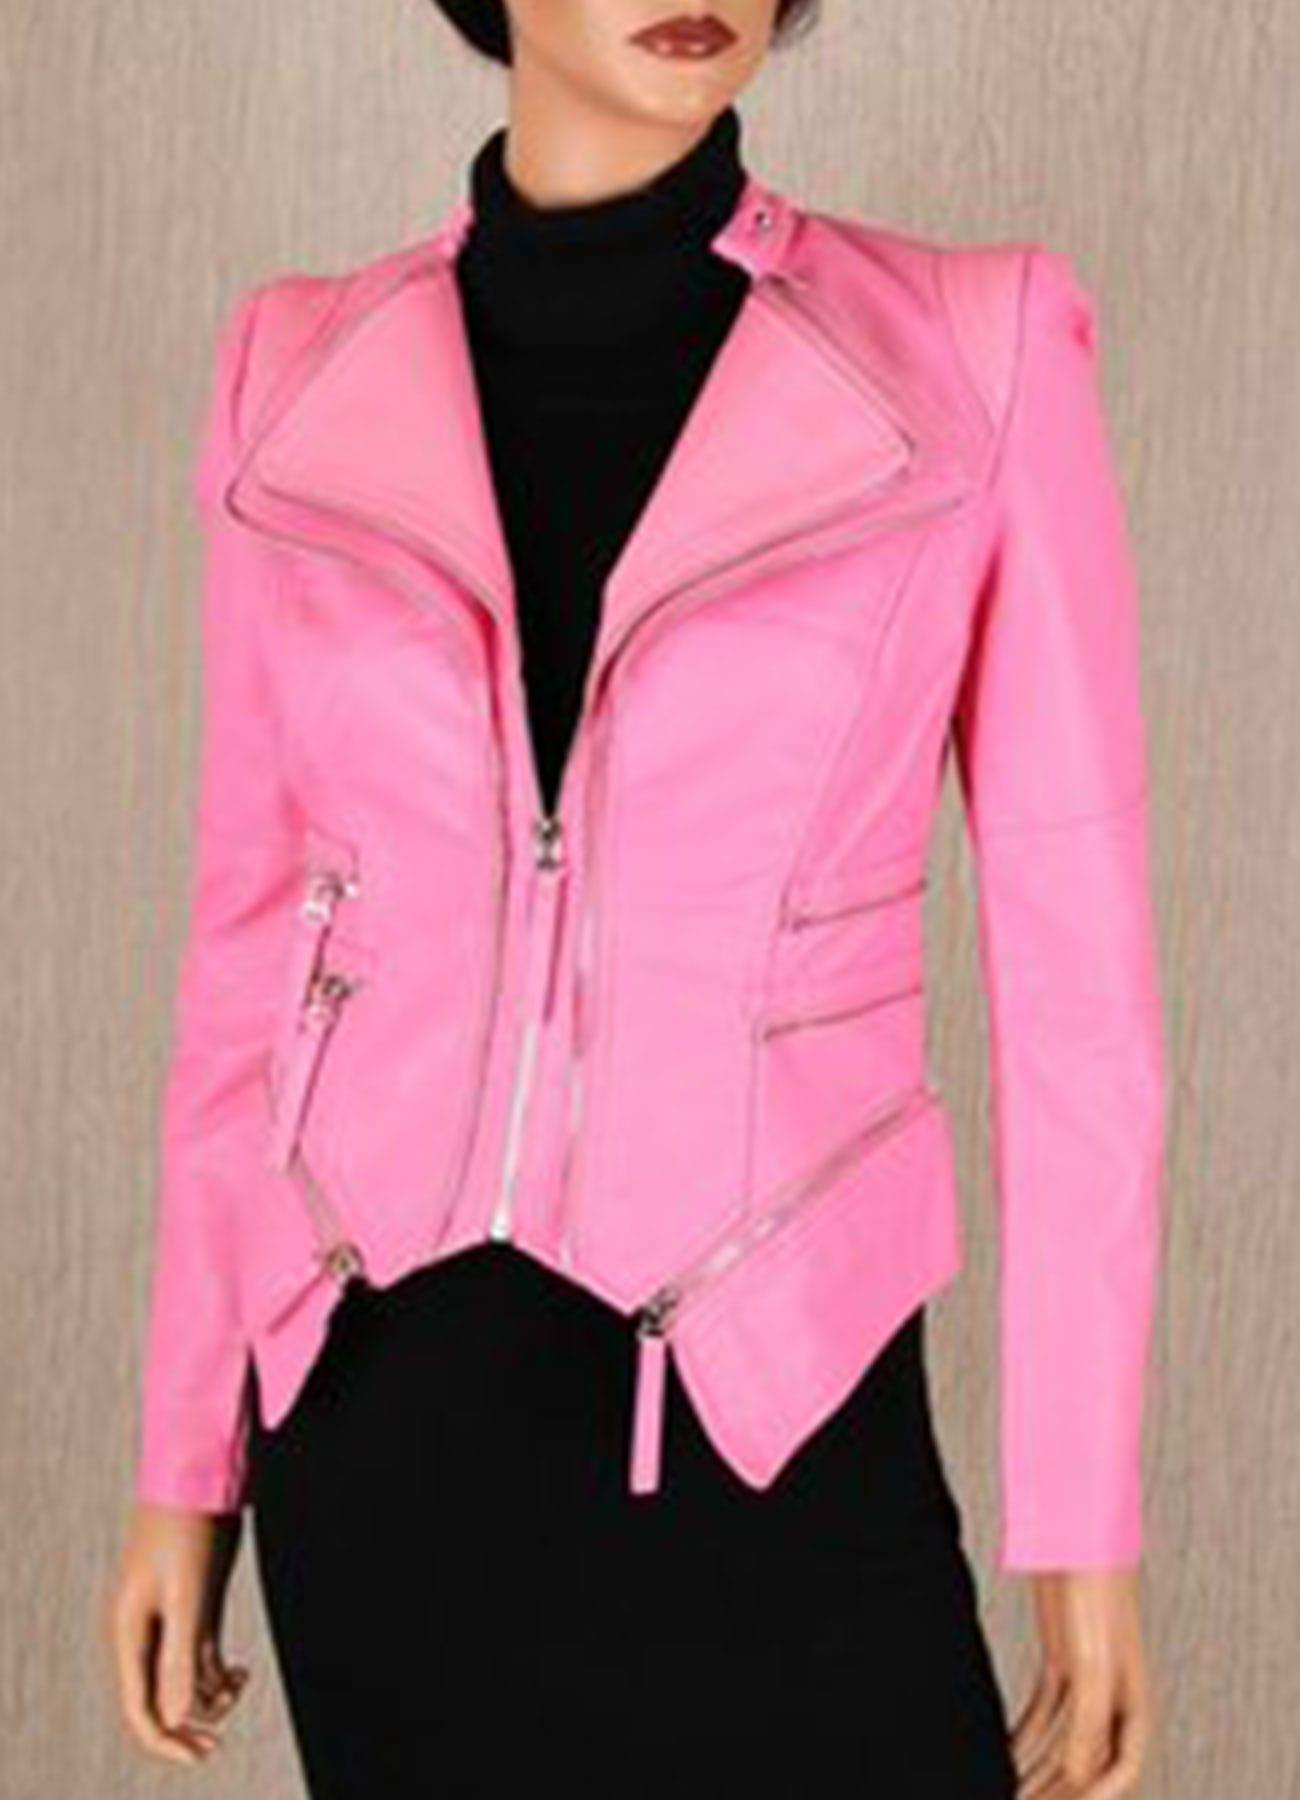 Women Biker Faux Leather Jacket In Pink Color